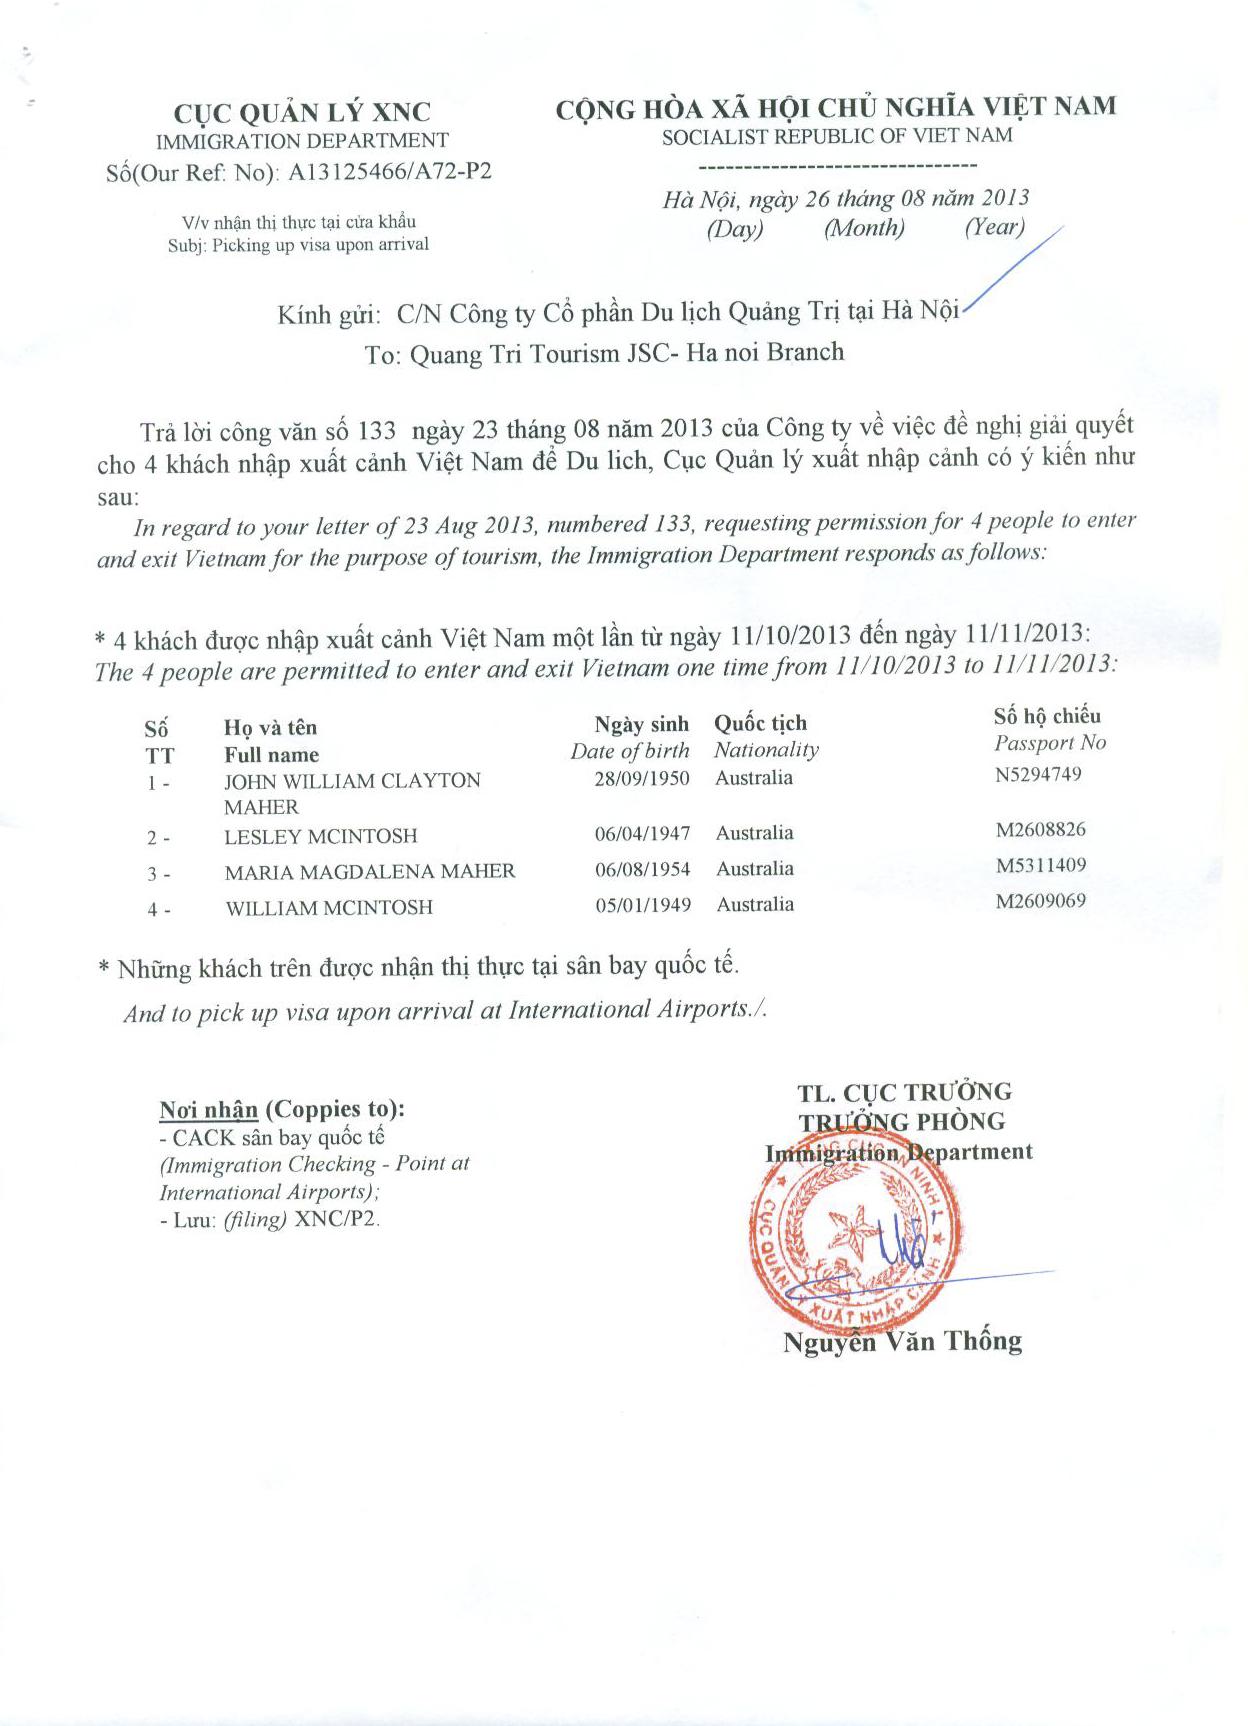 Exemplaire de la lettre d'approbation de visa vietnam et le Formulaire M3